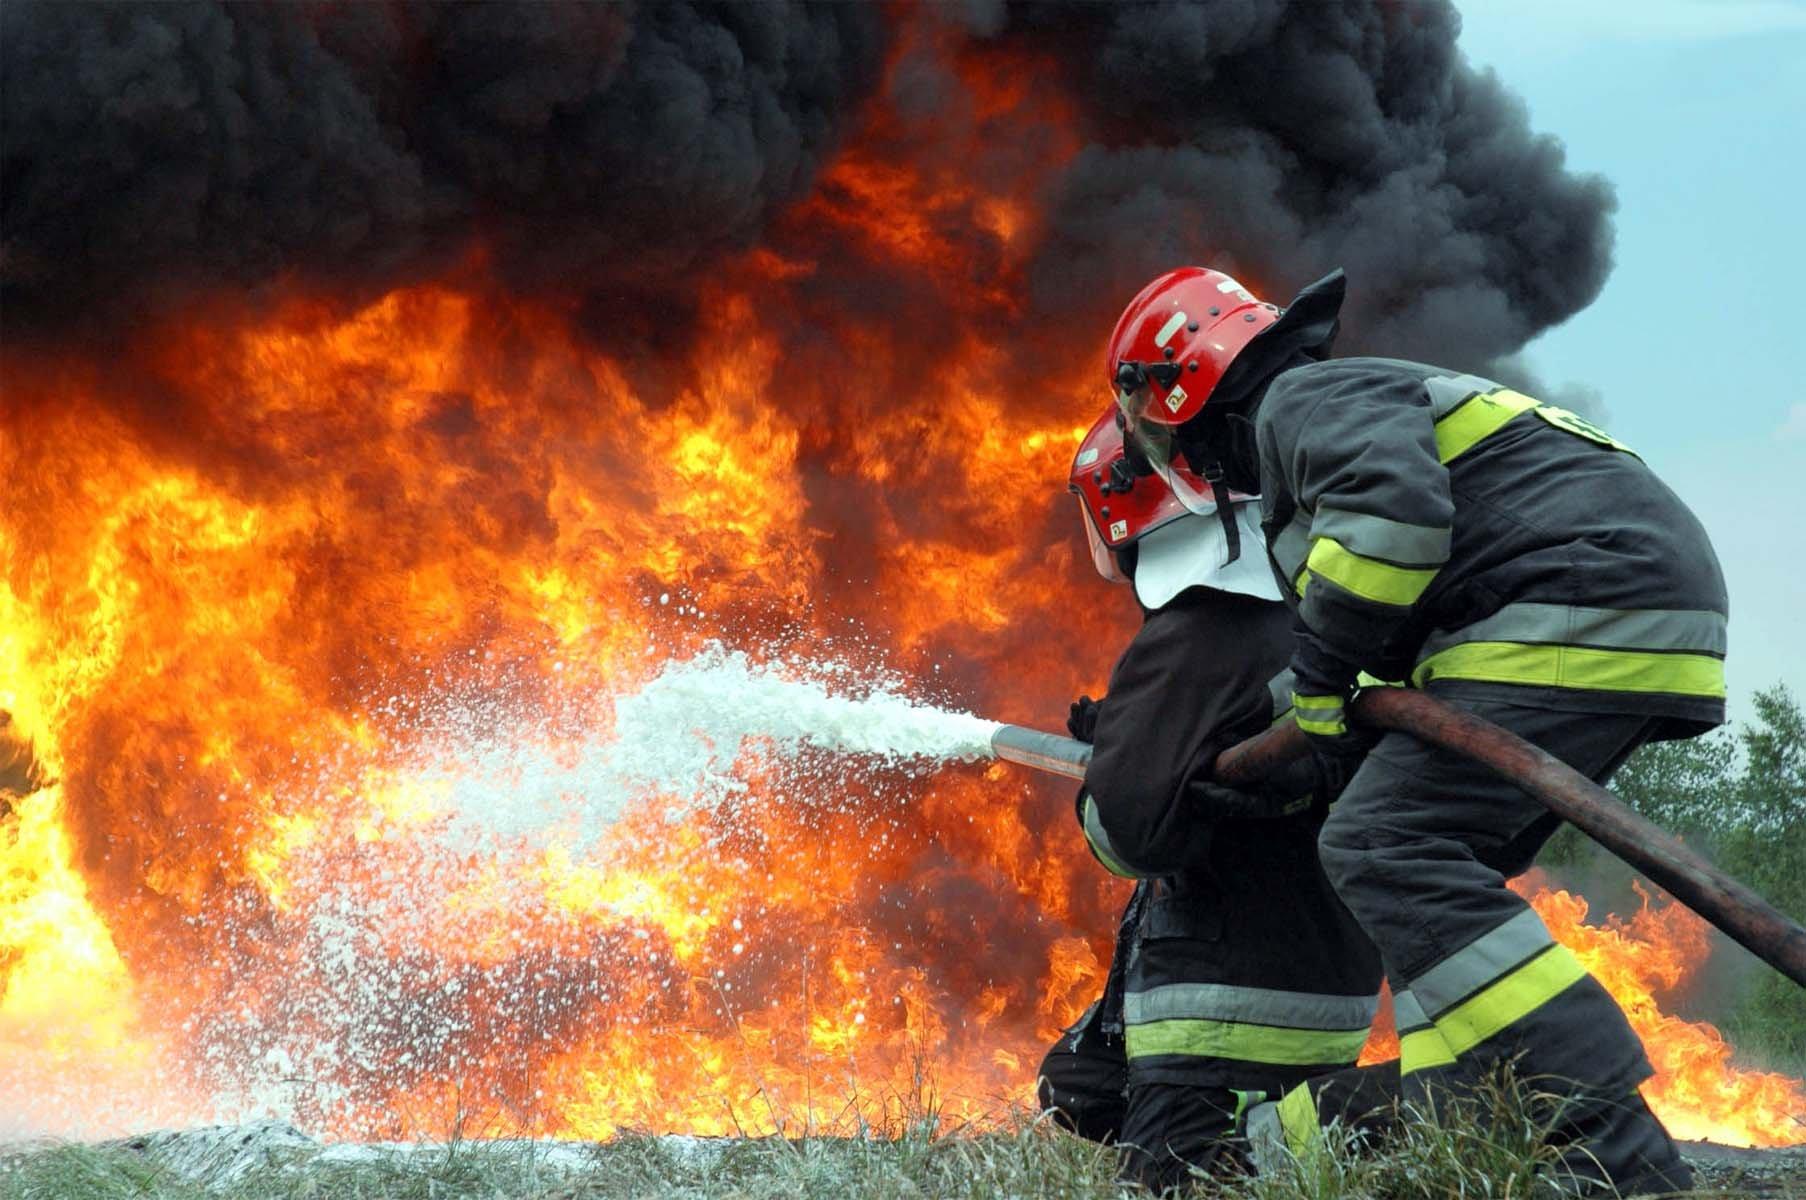 Міжгірські пожежники під час пожежі врятували від знищення житловий будинок і літню кухню